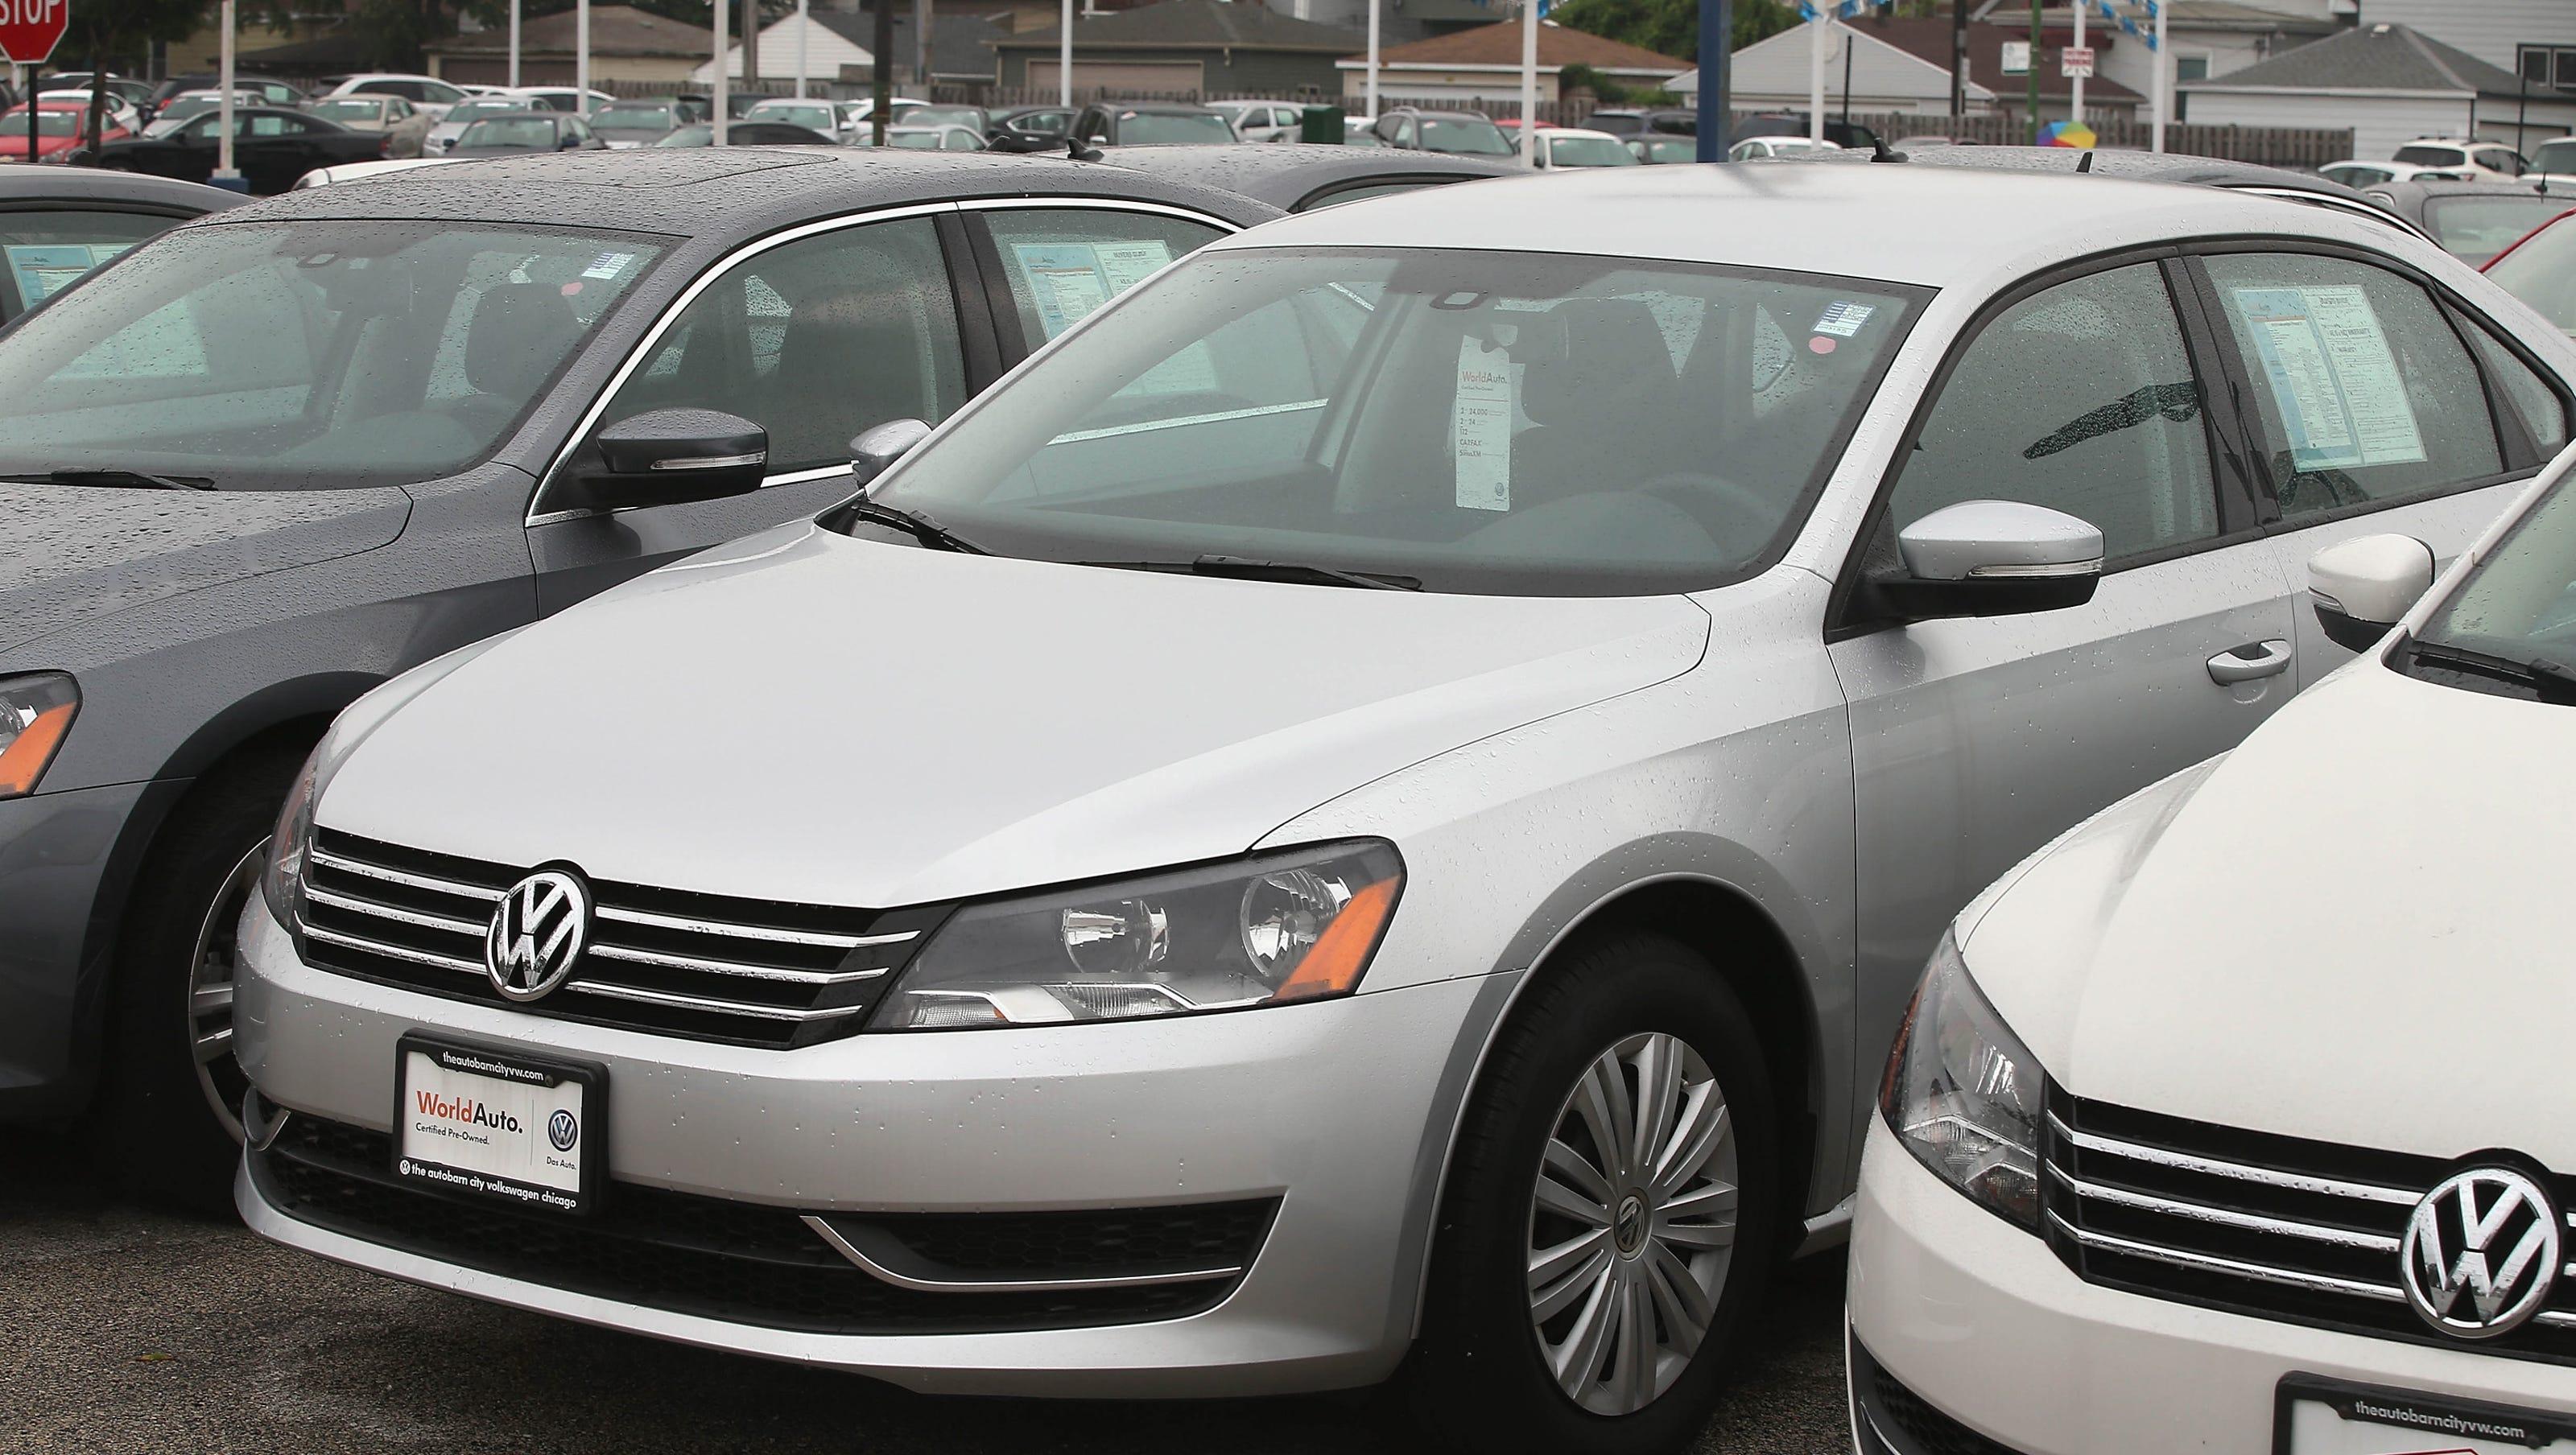 2015 Volkswagen Beetle Charlotte >> Volkswagen fort Myers | New Car Release Information